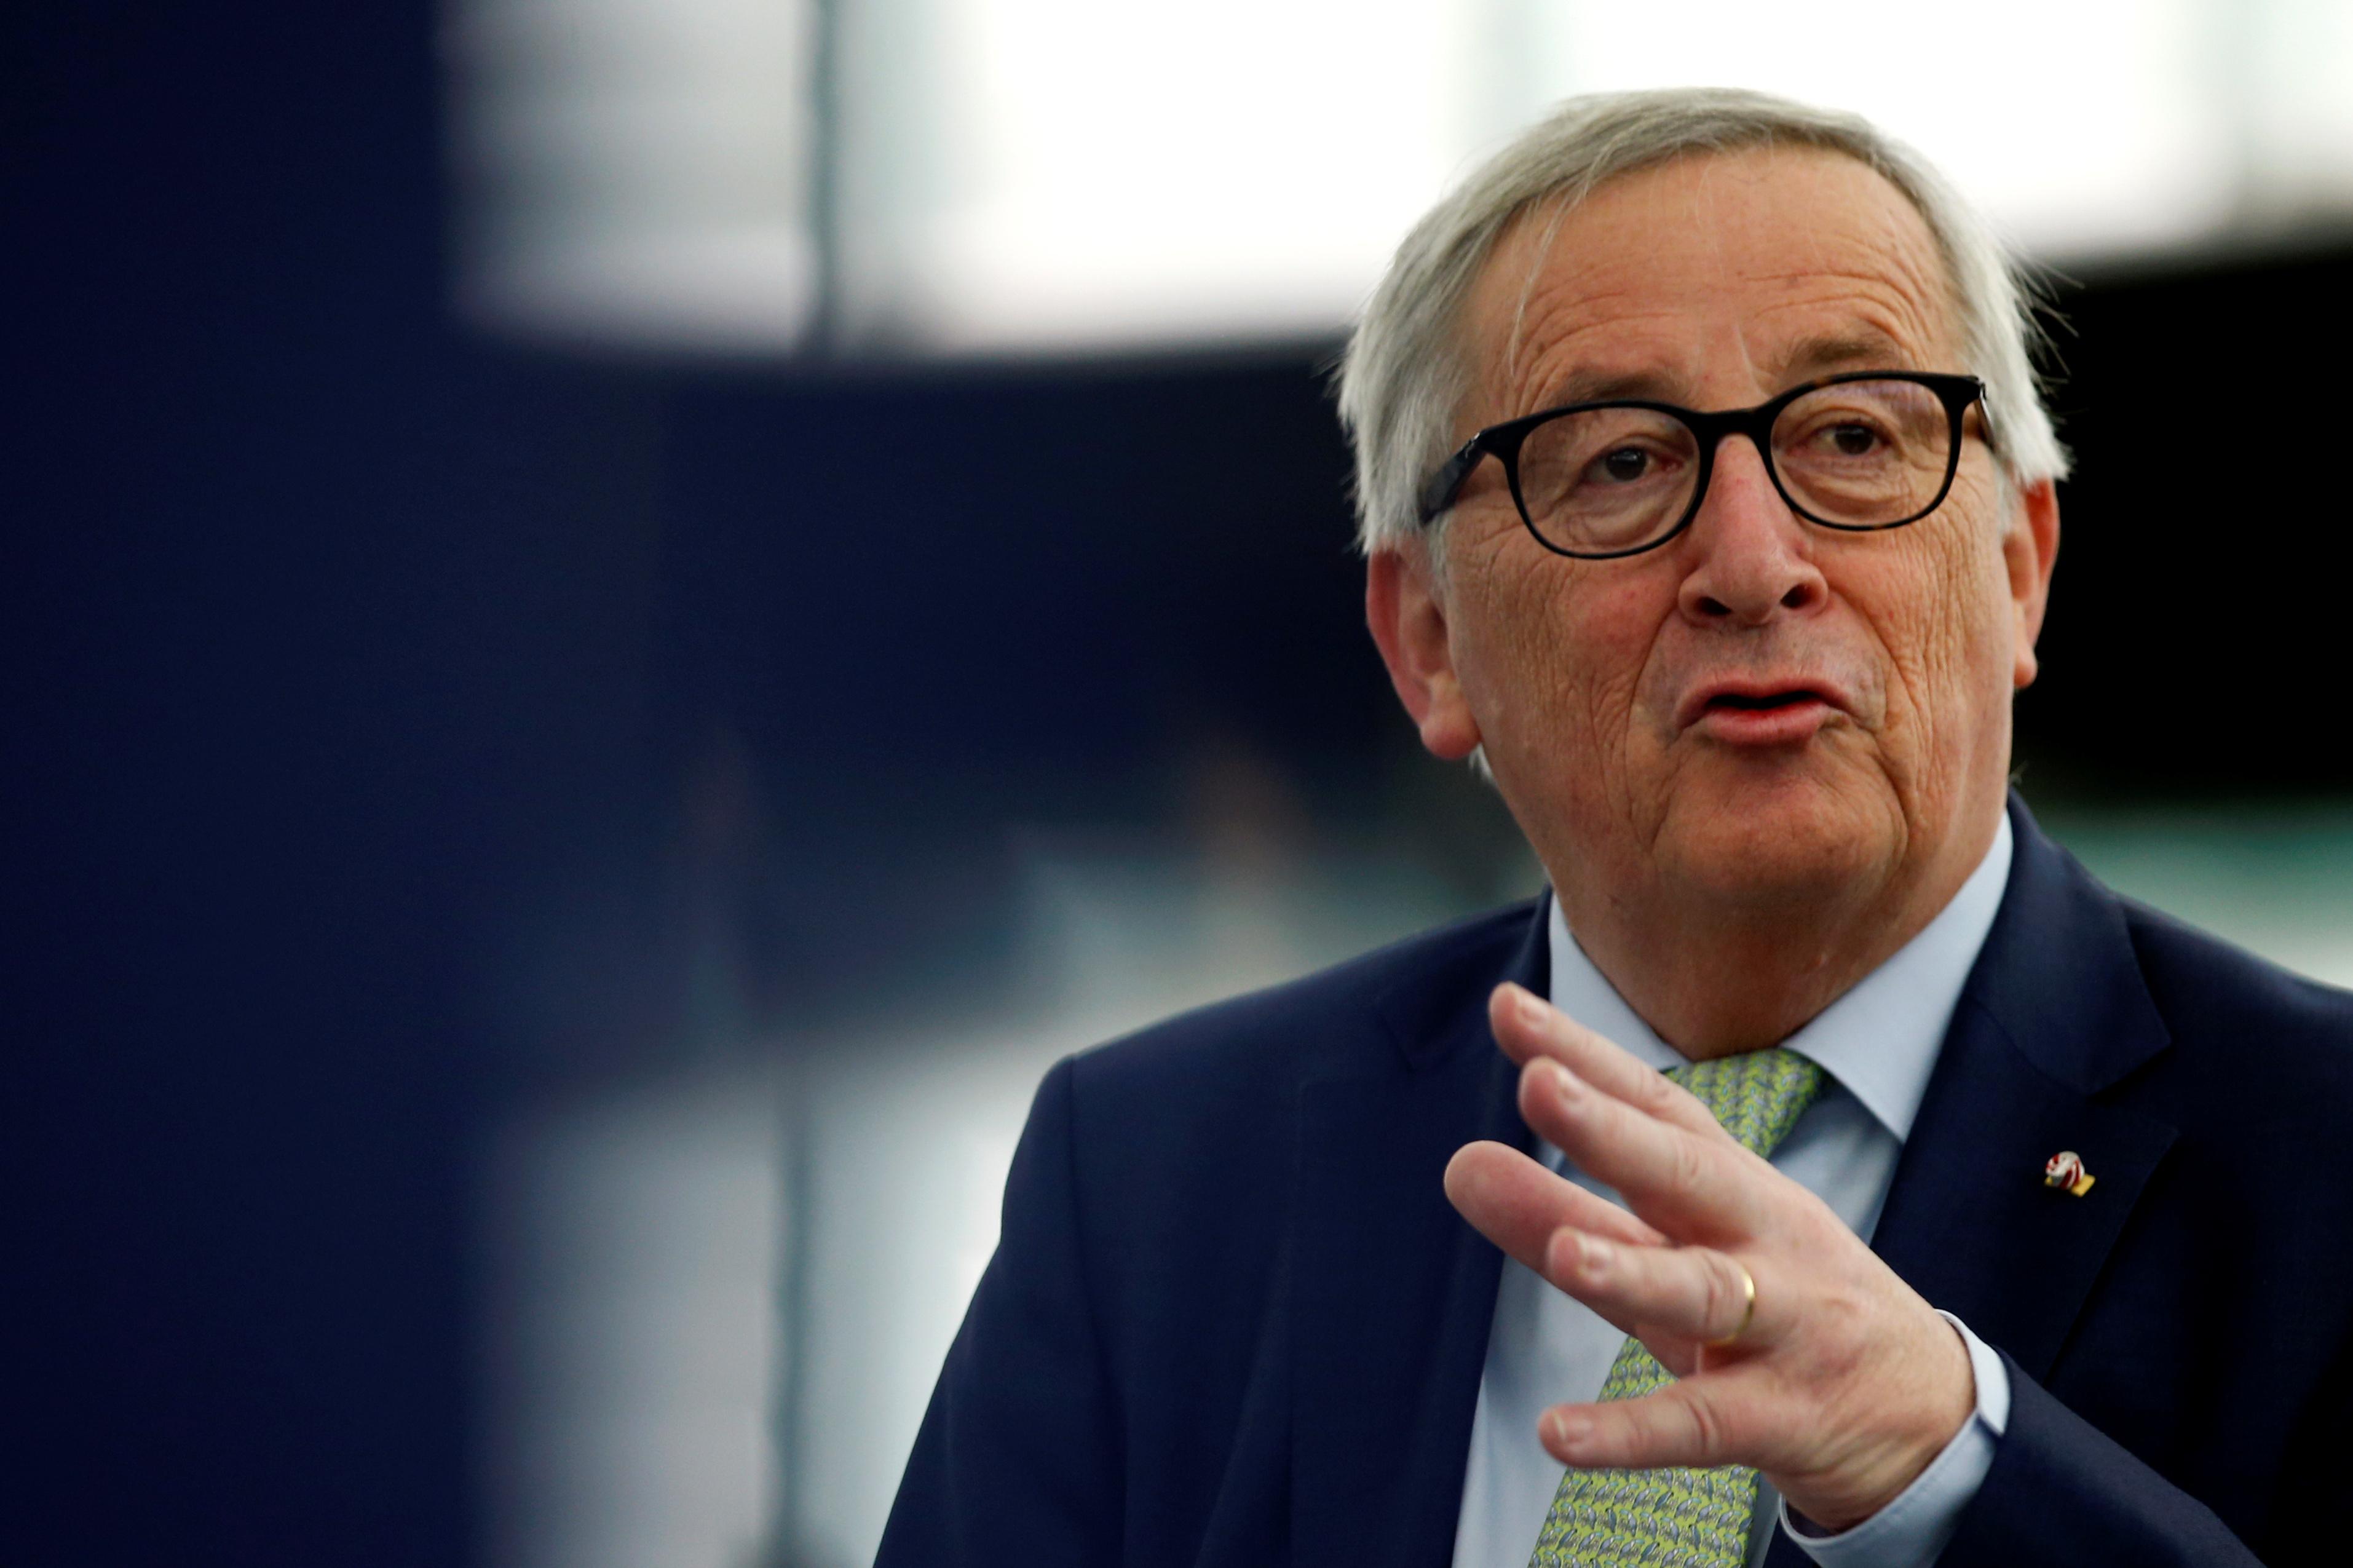 L'UE promet de riposter si Washington surtaxe les voitures européennes